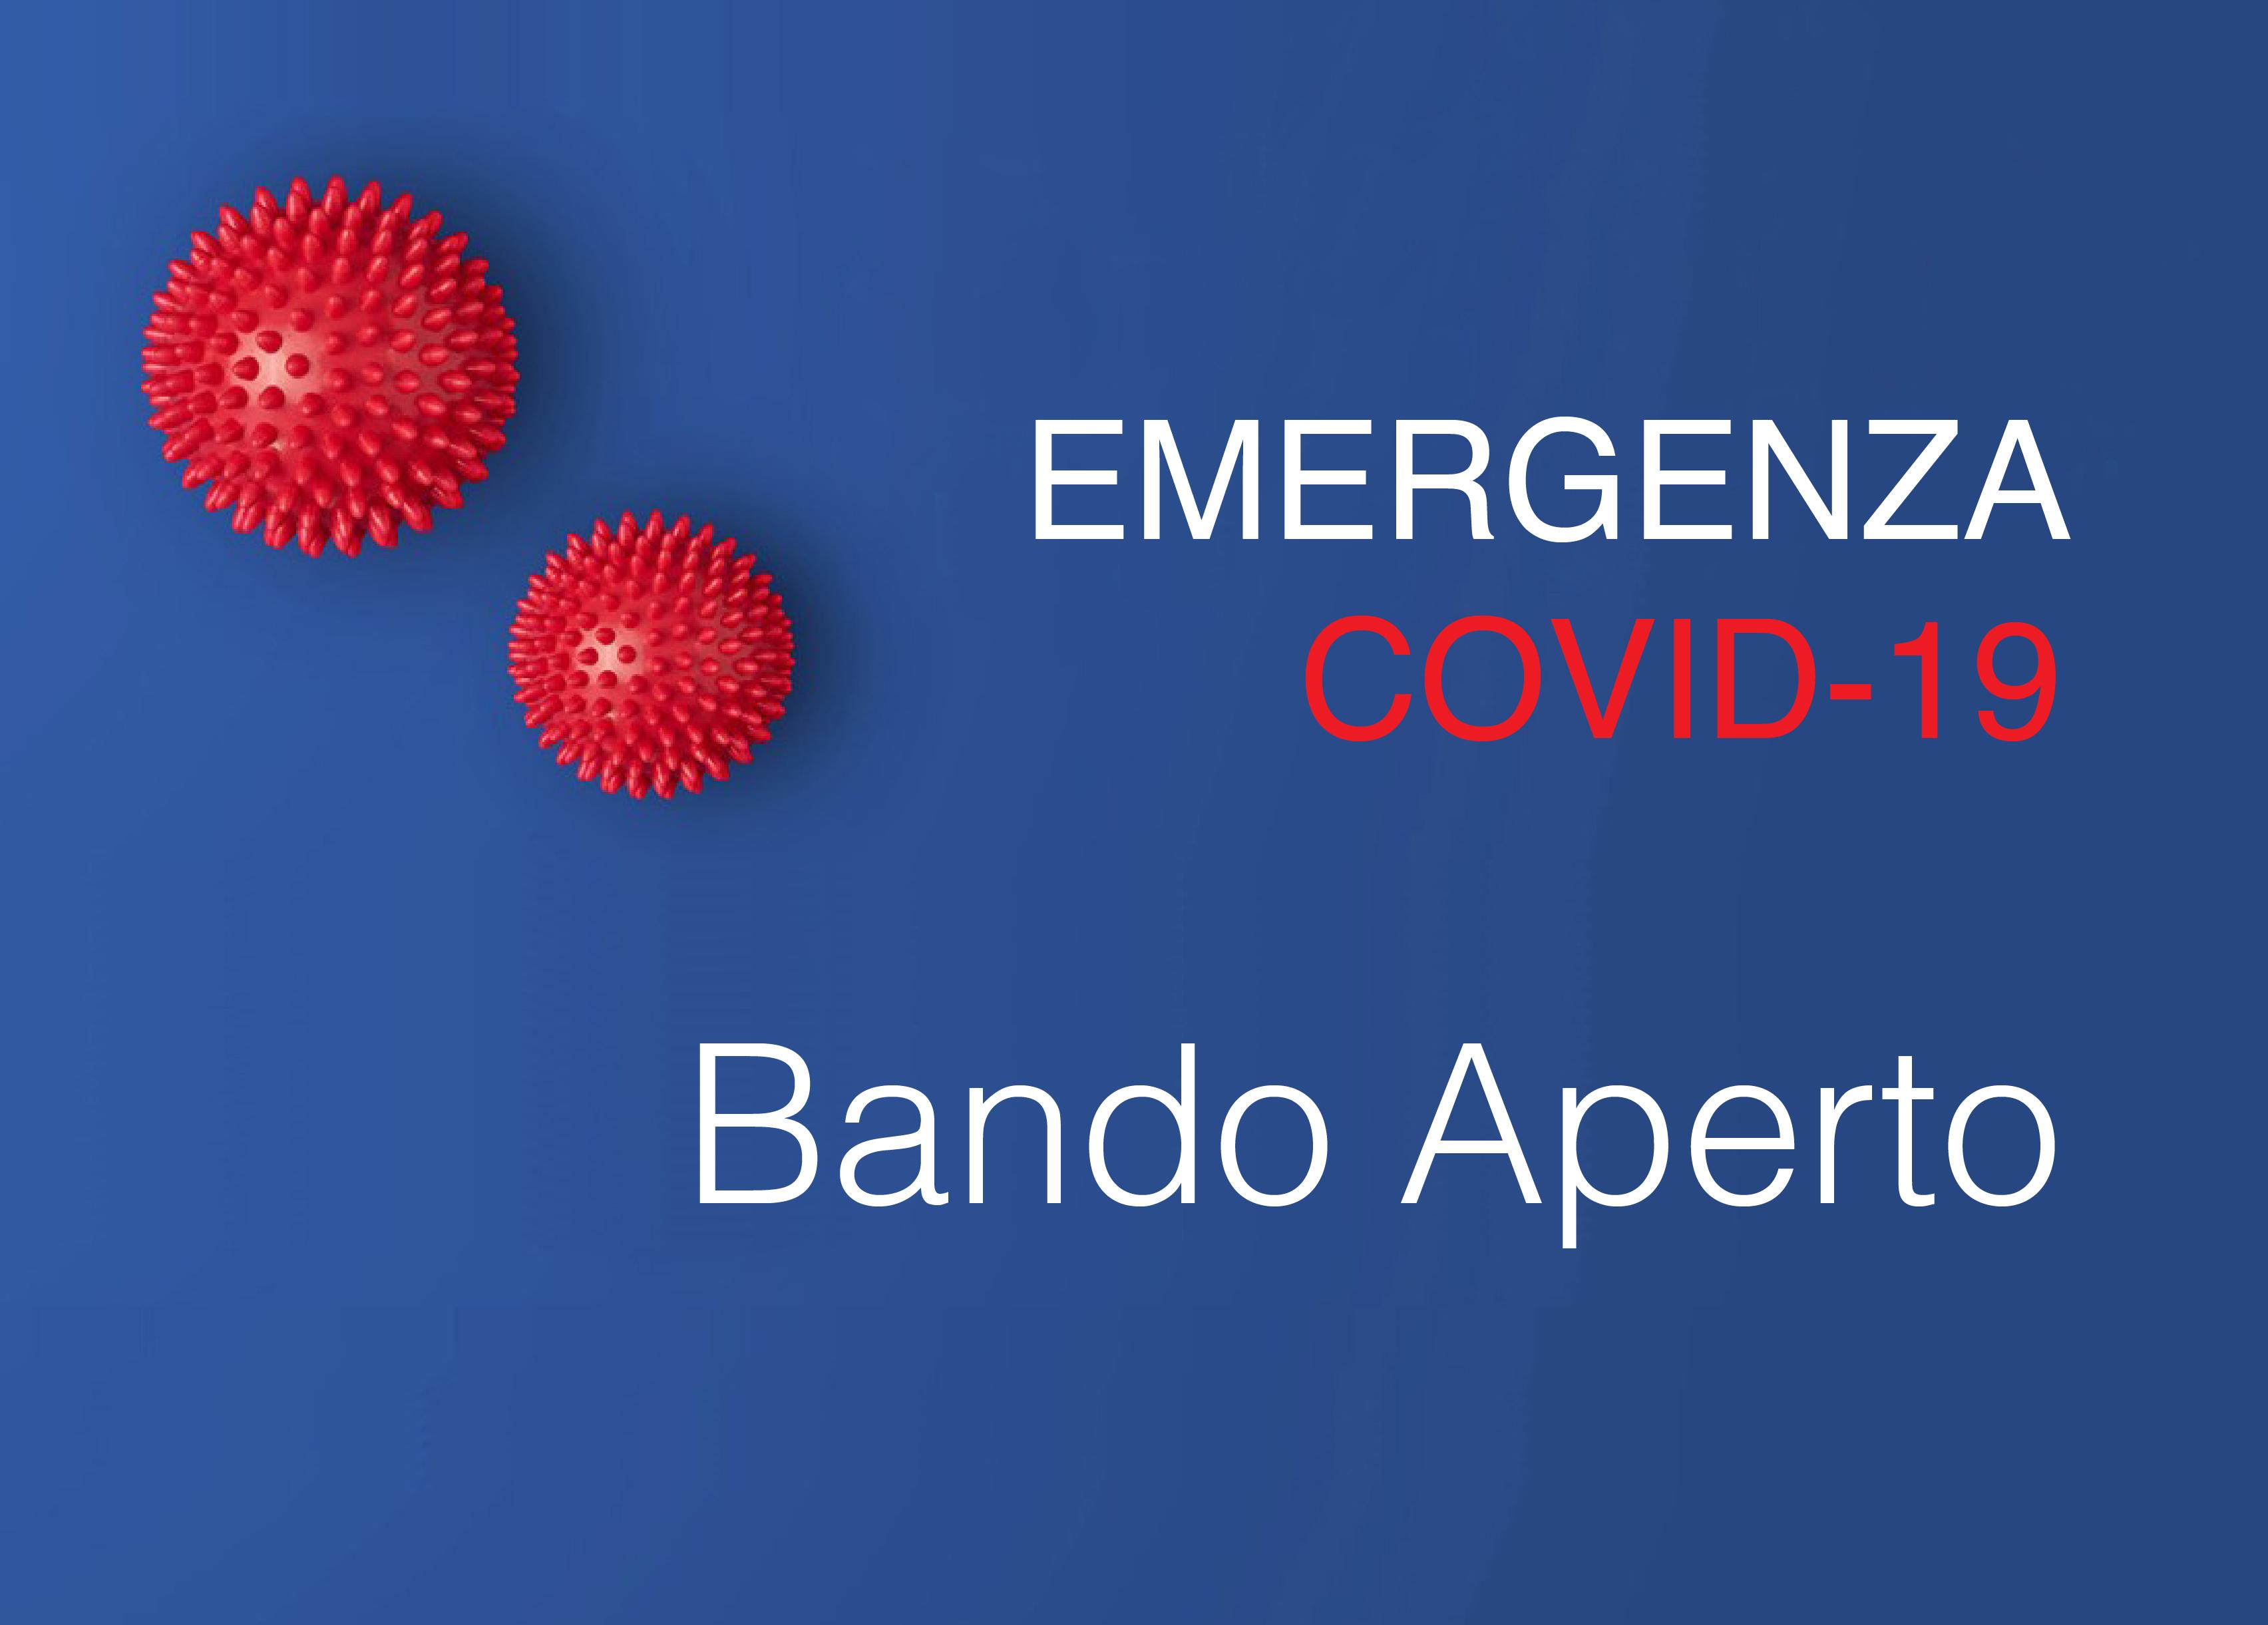 bando medici, covid-19